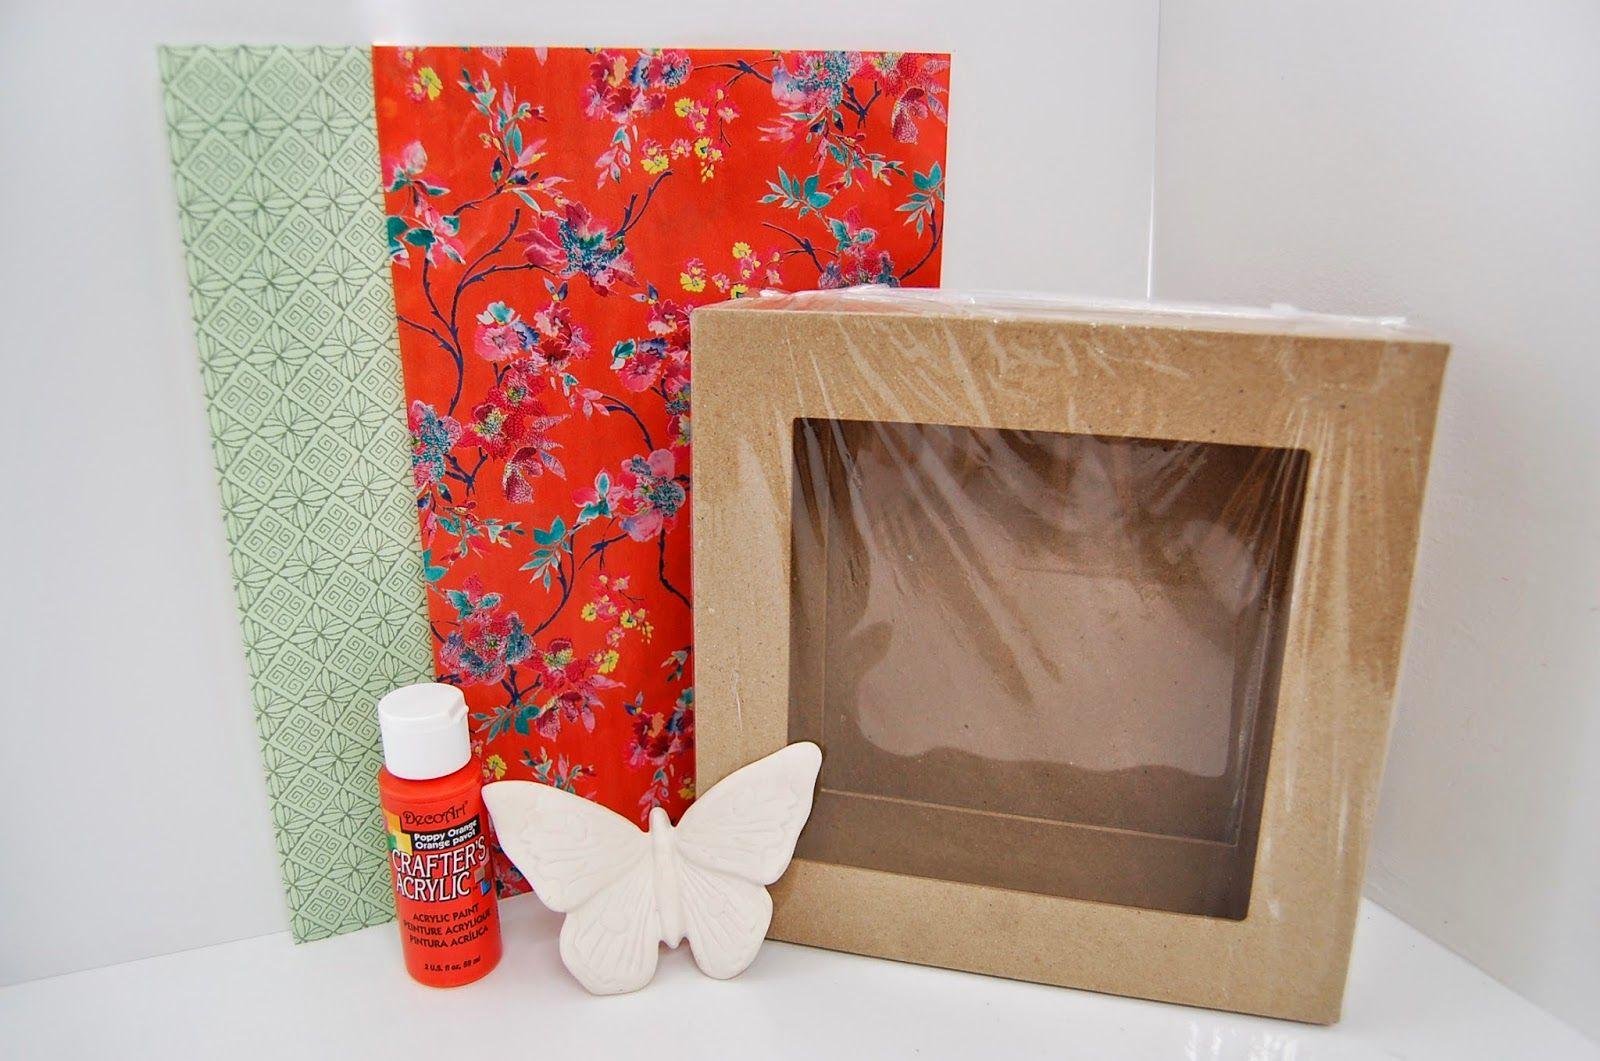 3d Box Frame Decoupage Decopatch Makeover Wall Art Idea